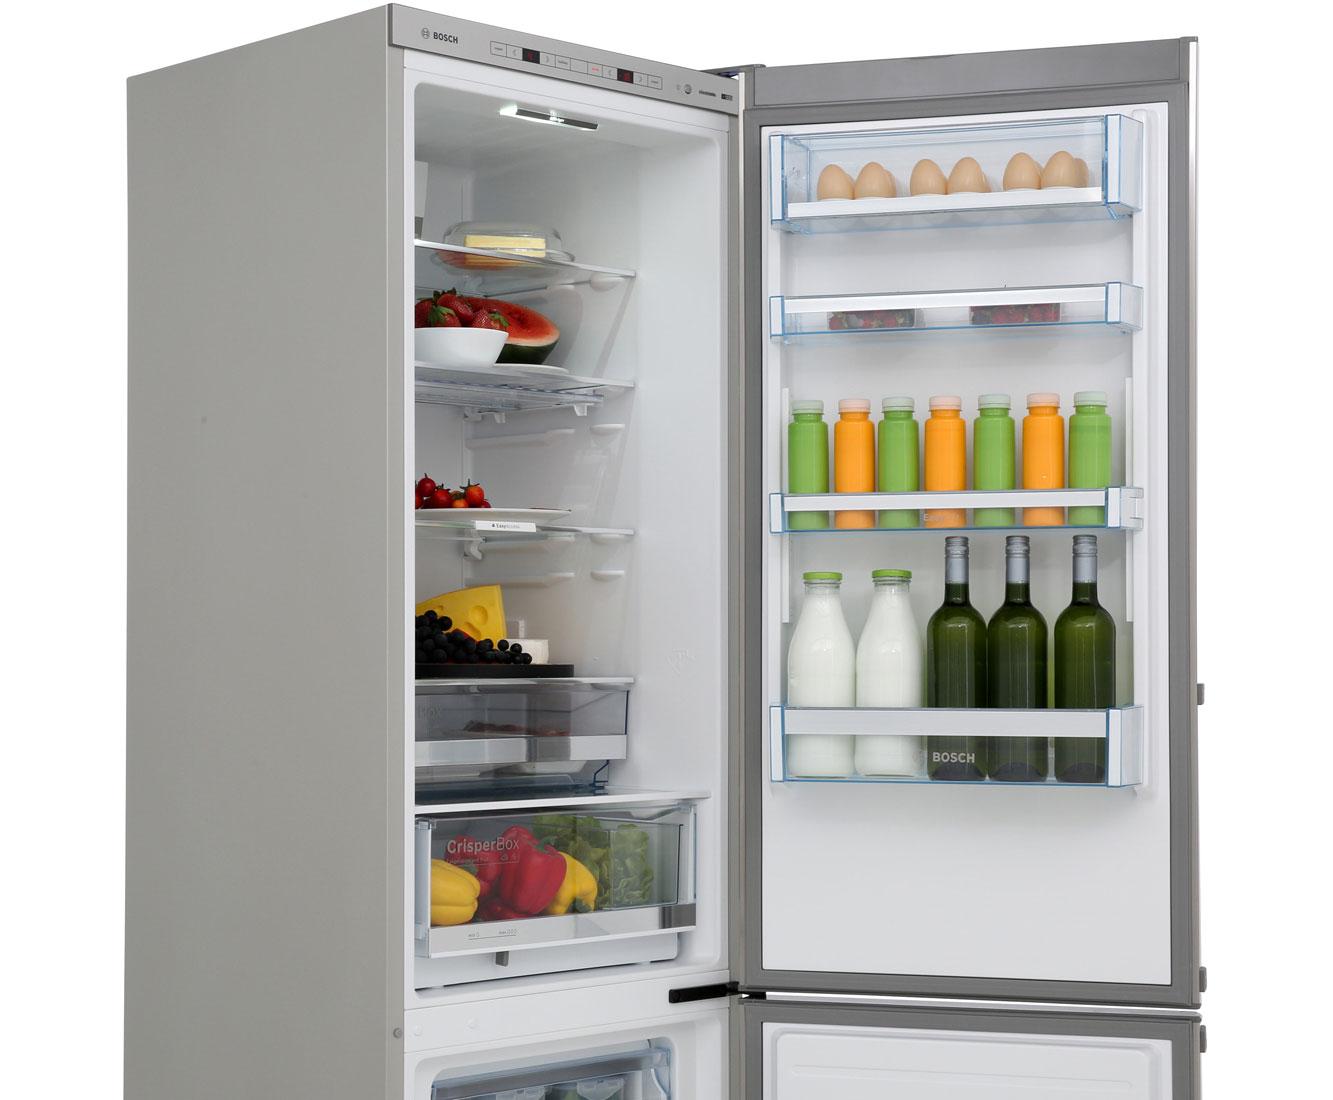 Bosch Kühlschrank 60er Jahre : Bosch ohne angebotspaket gefriergeräte kühlschränke günstig